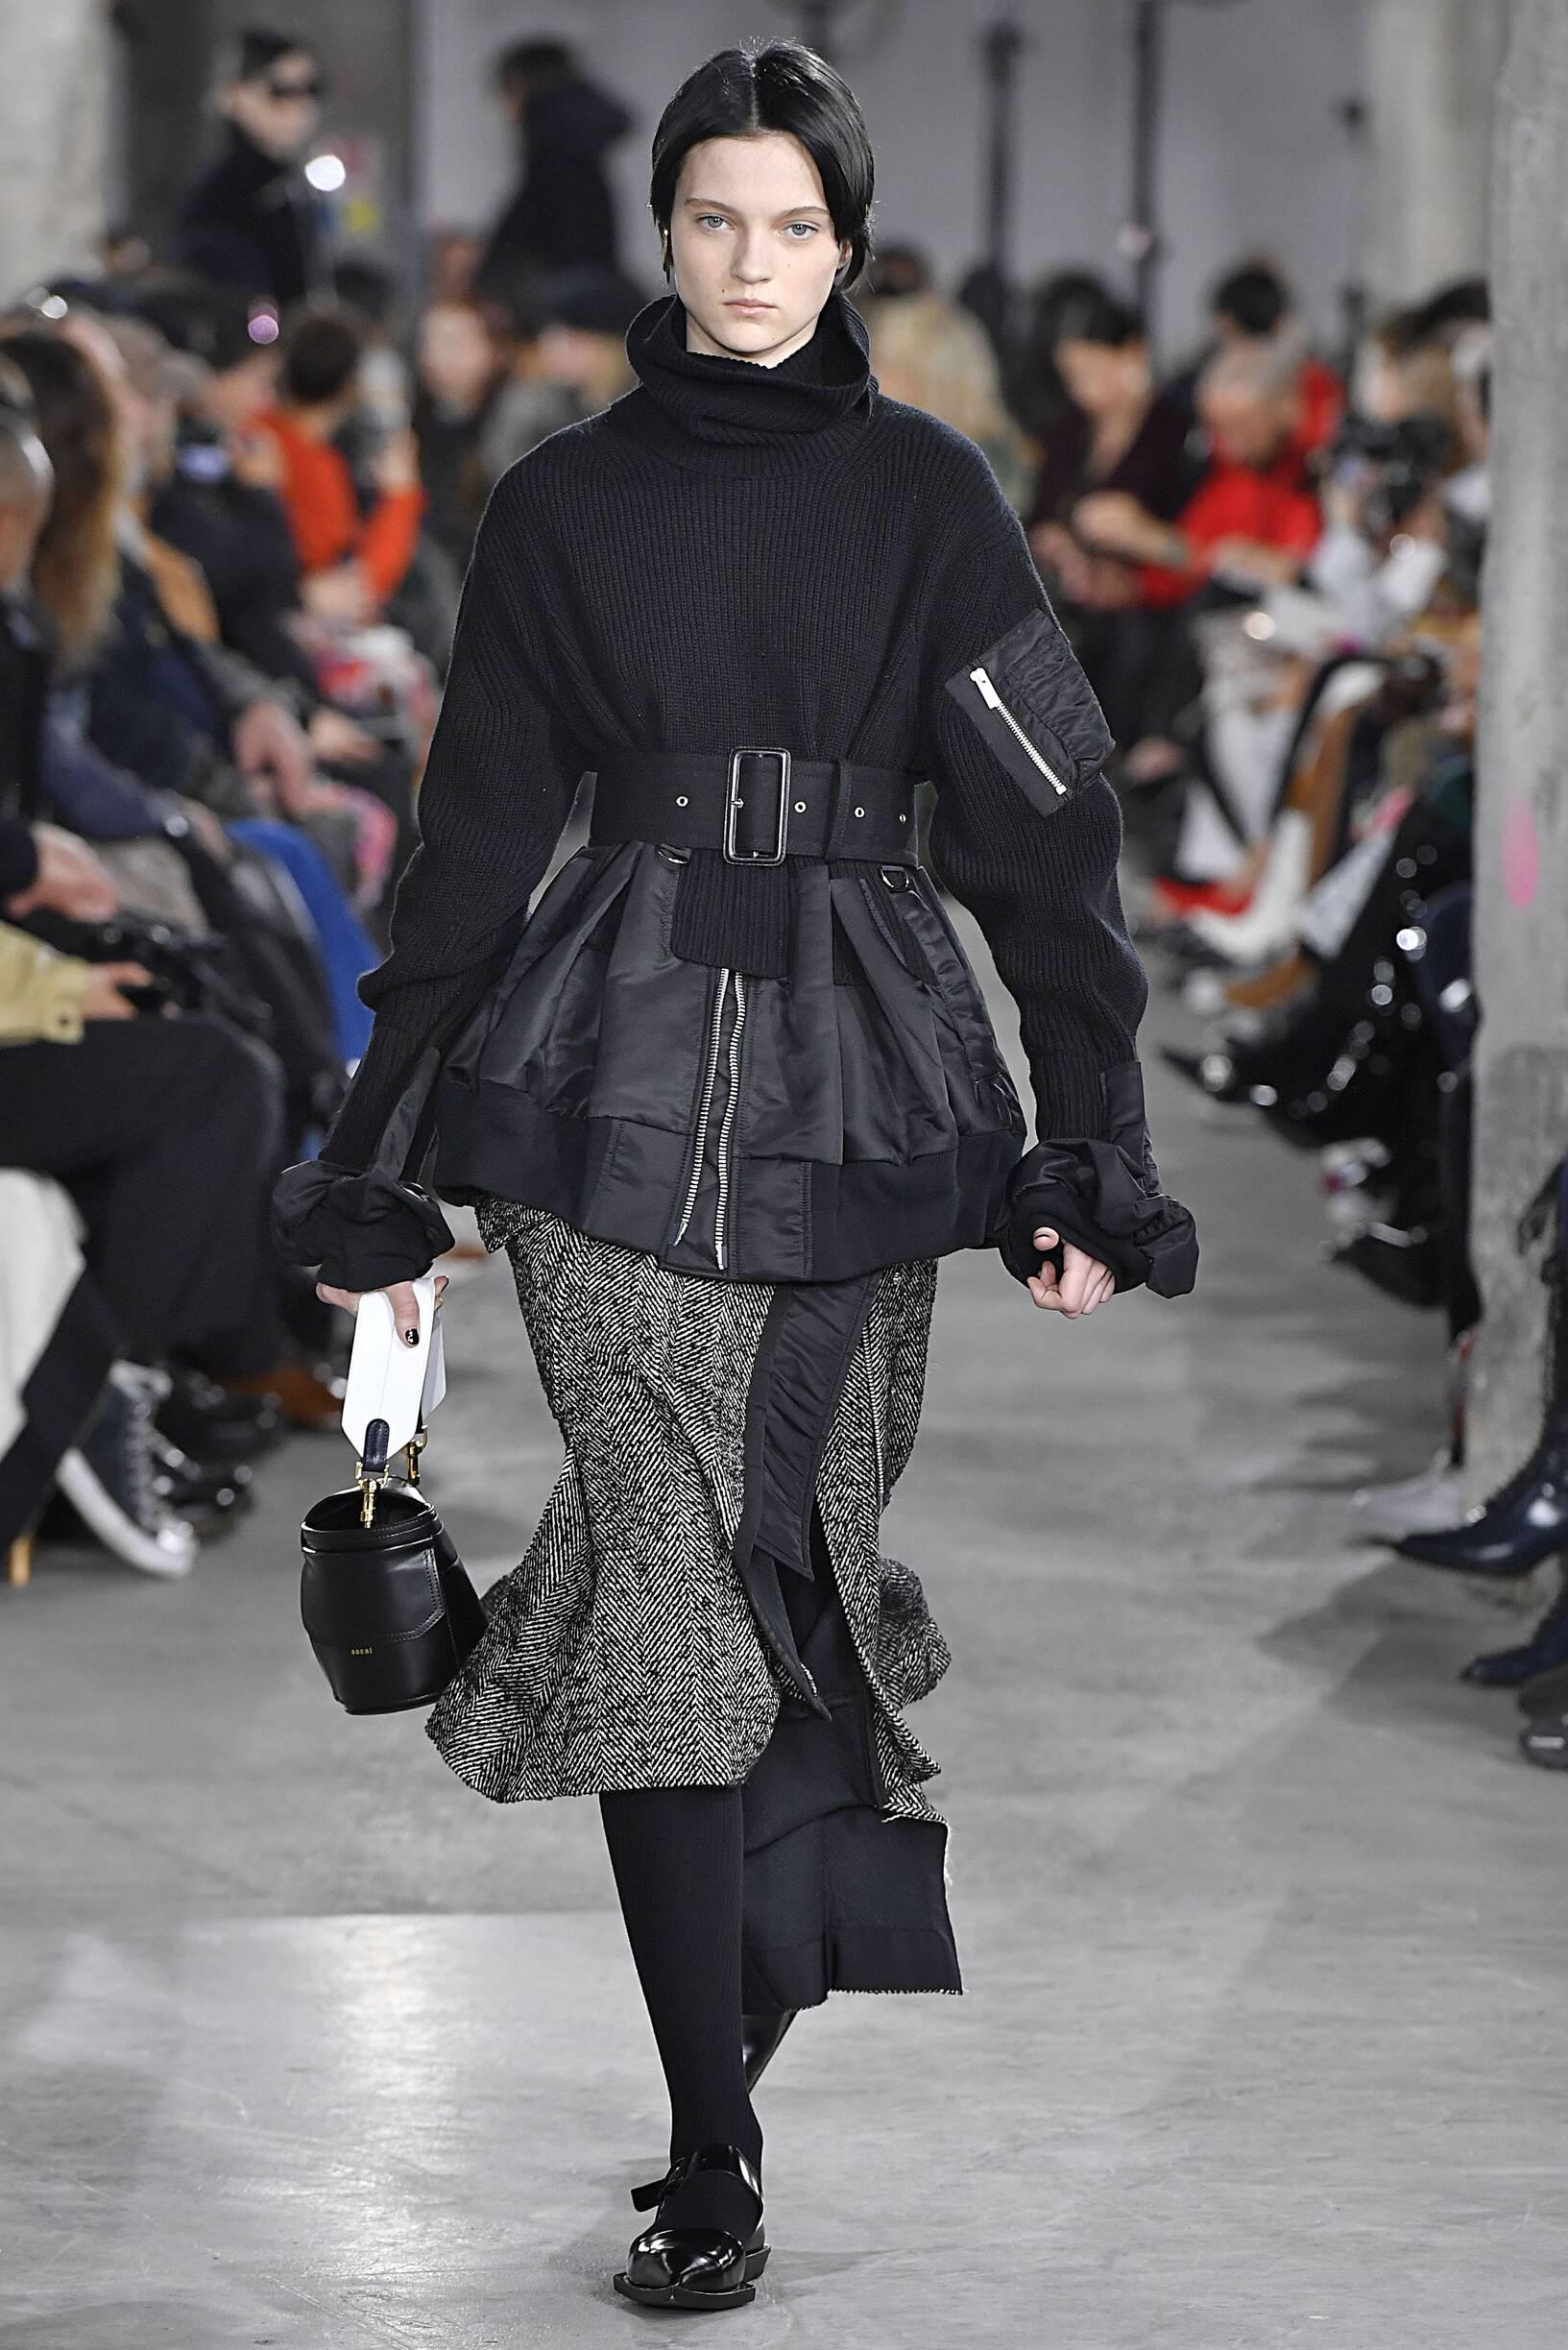 FW 2019-20 Fashion Show Sacai